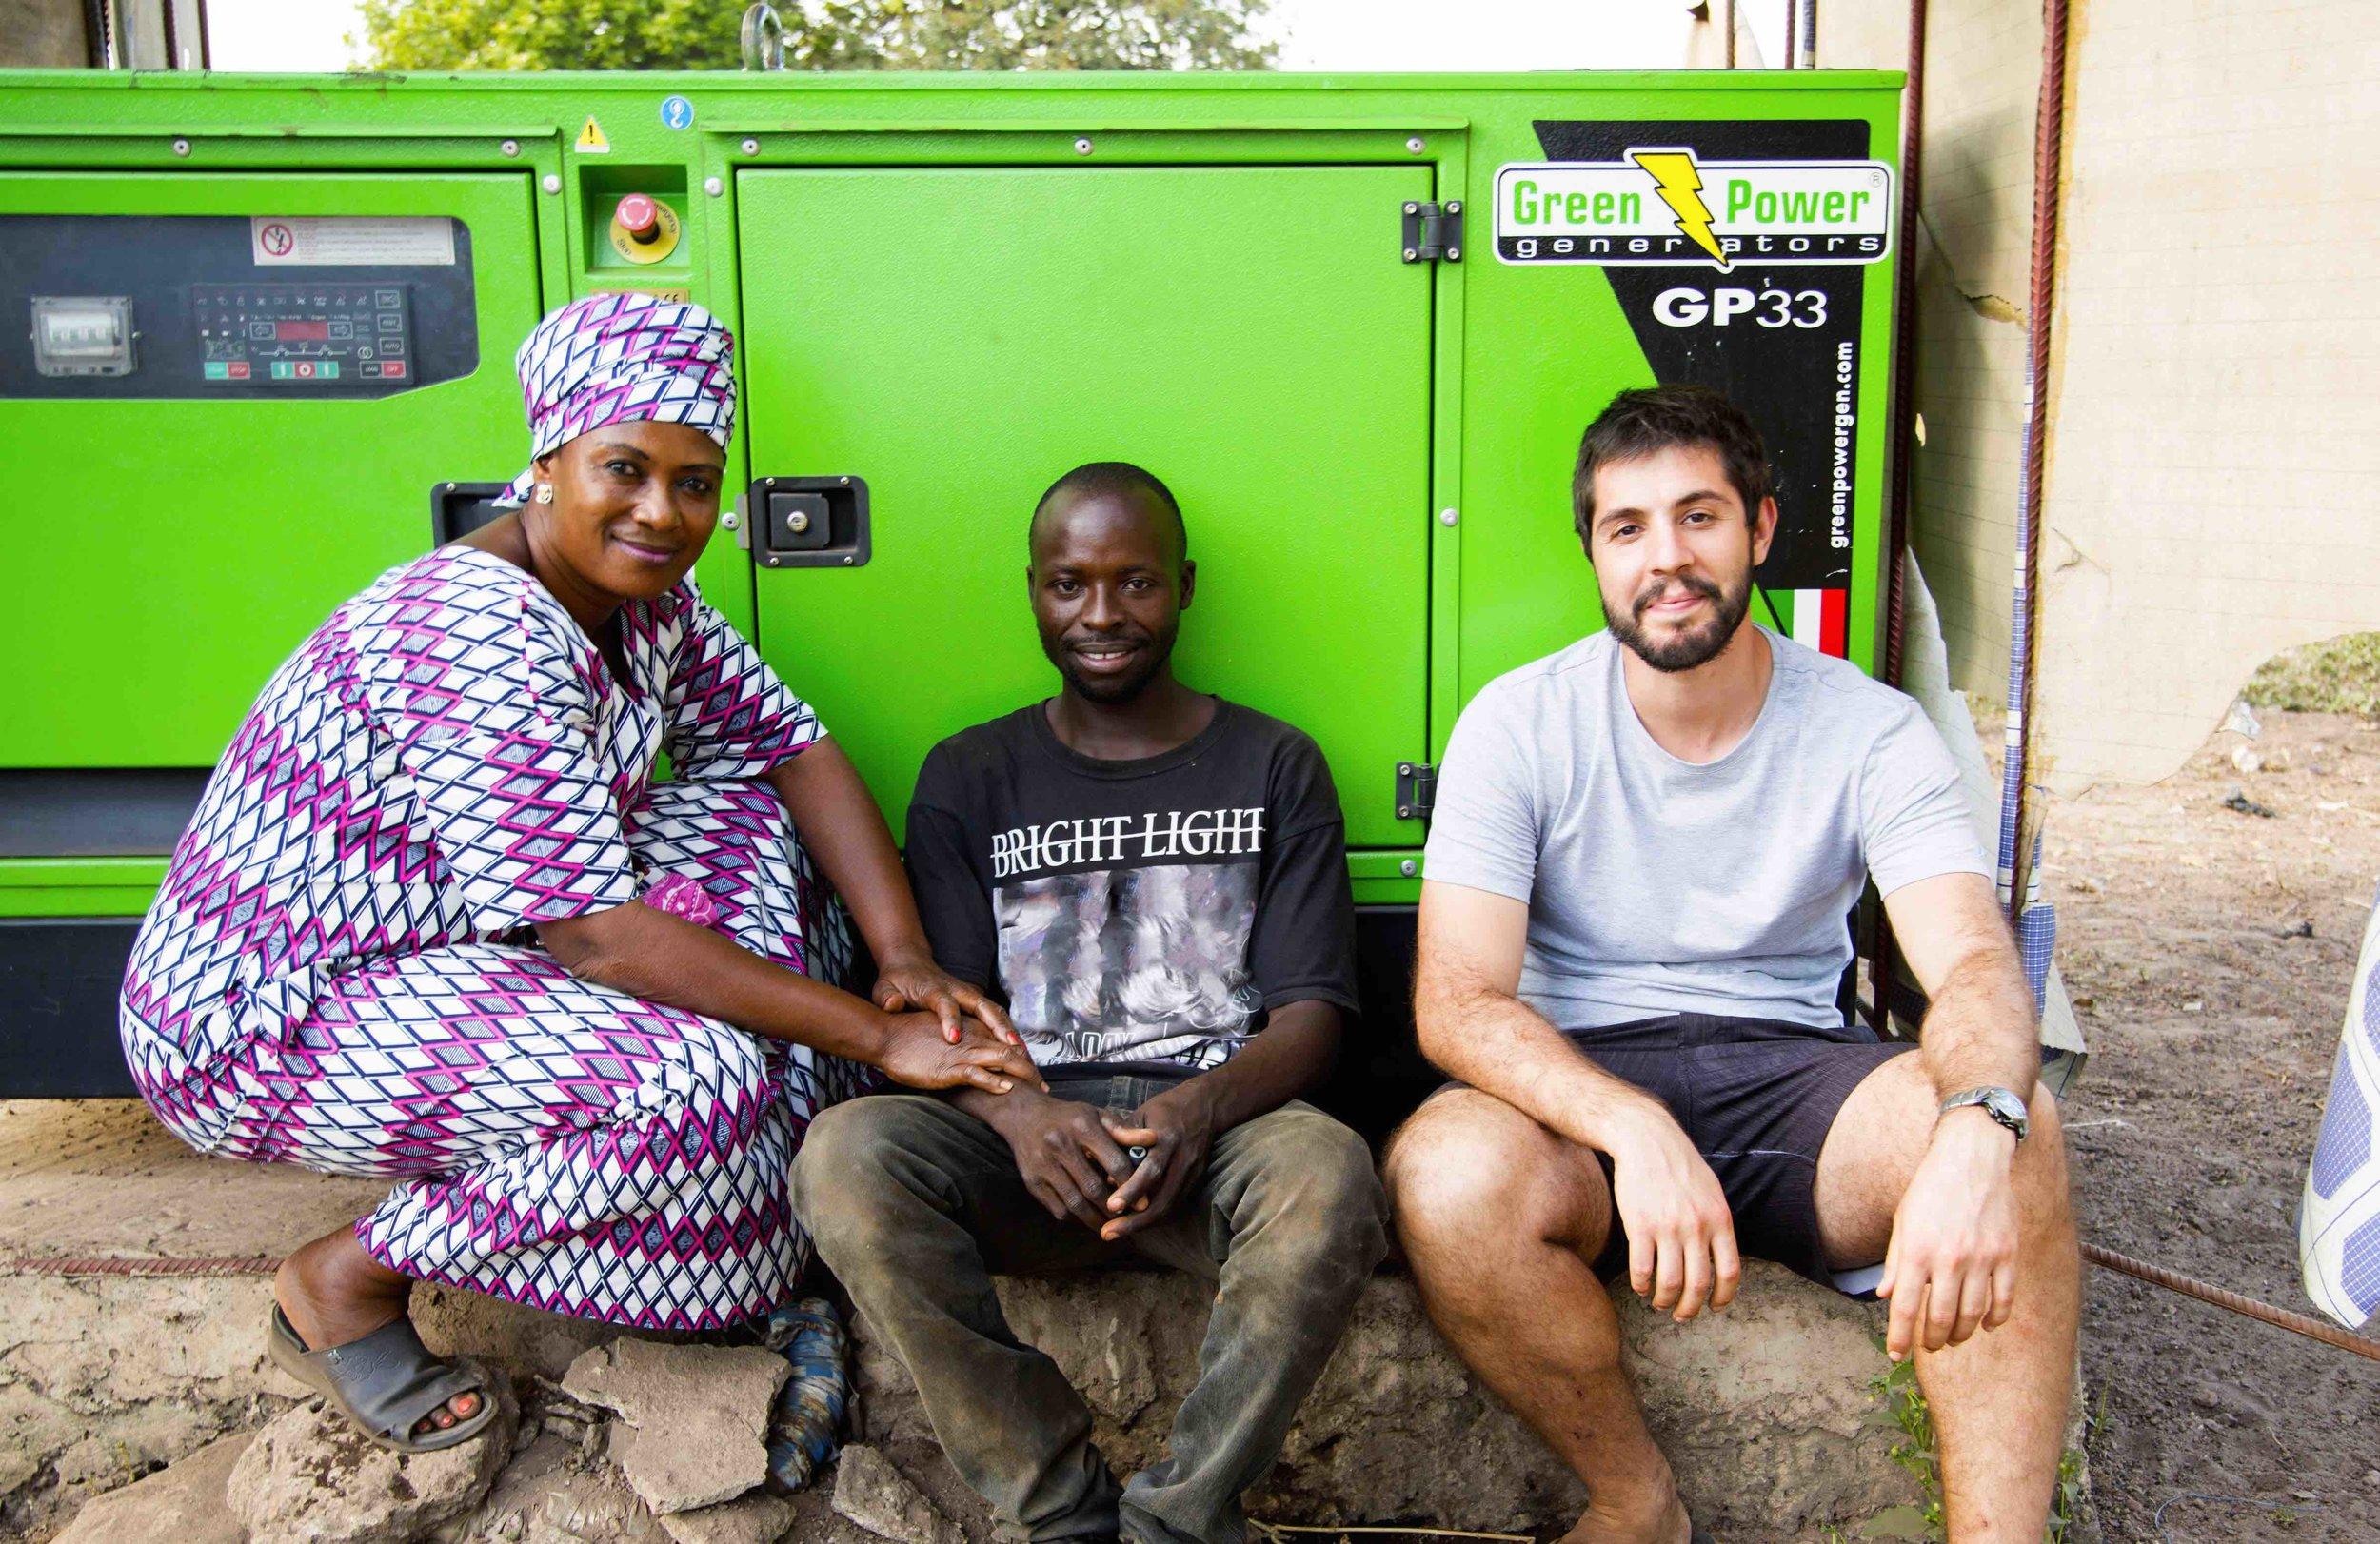 Tristan et Louise, co-fondateurs de Power:On, et Jean, responsable du réseau à Igbérè